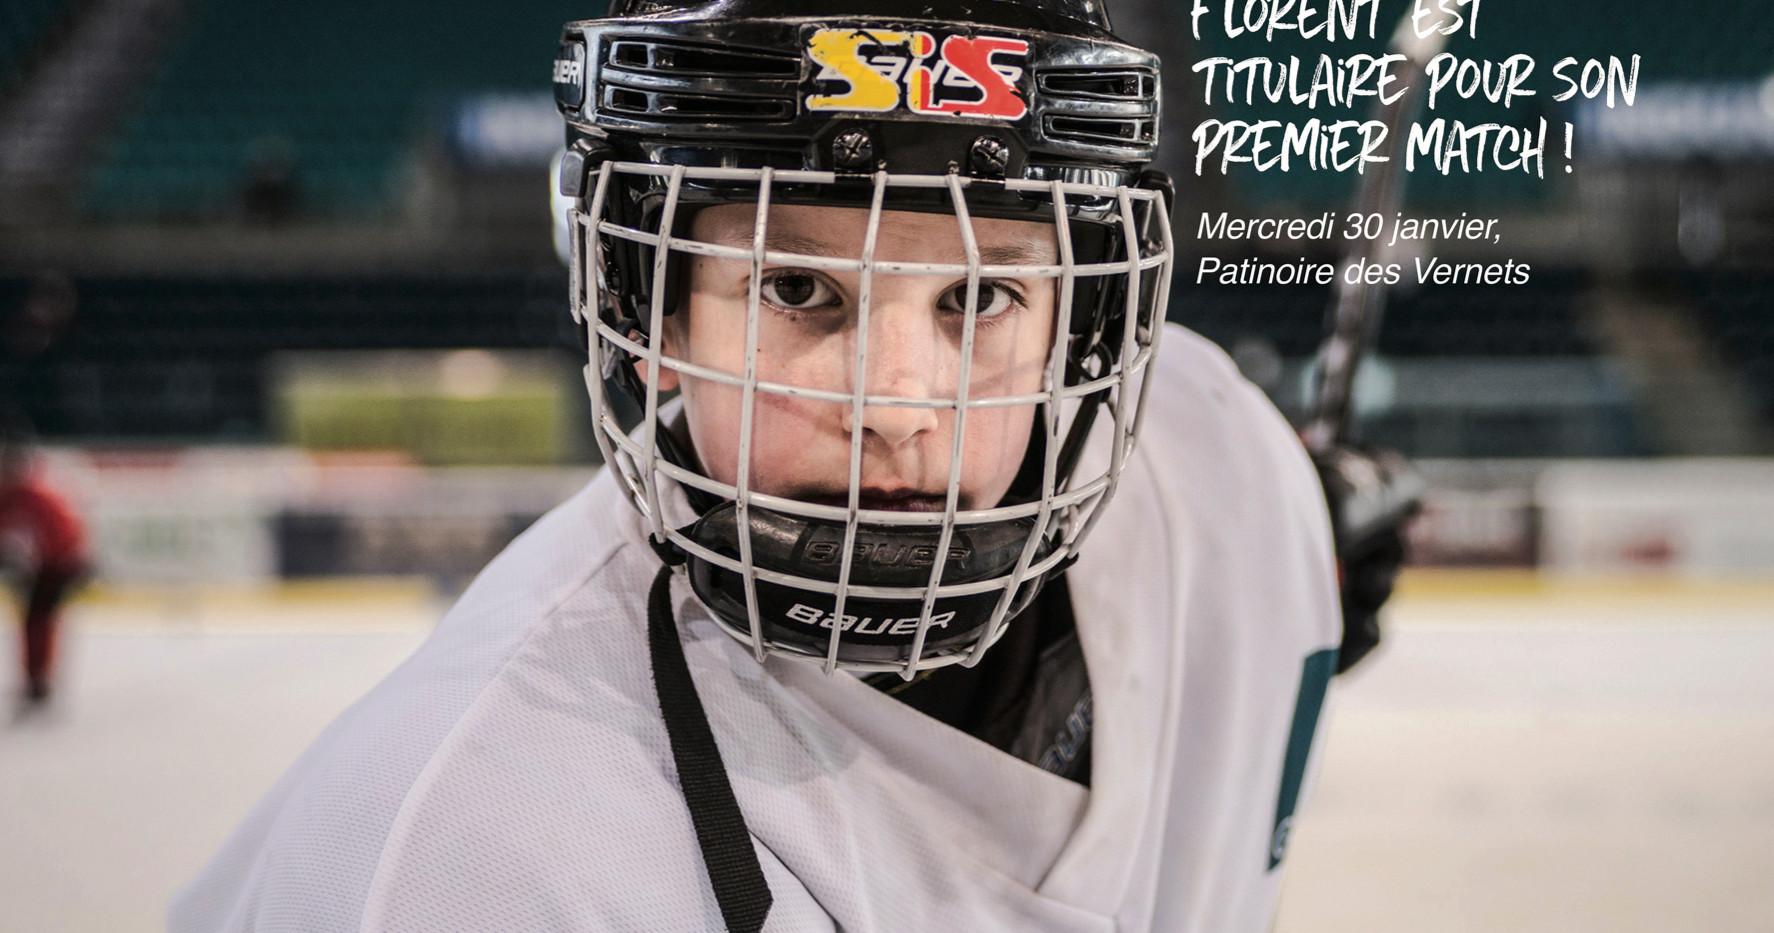 Ville de Geneve - Campagne 2019 pour le service des sports